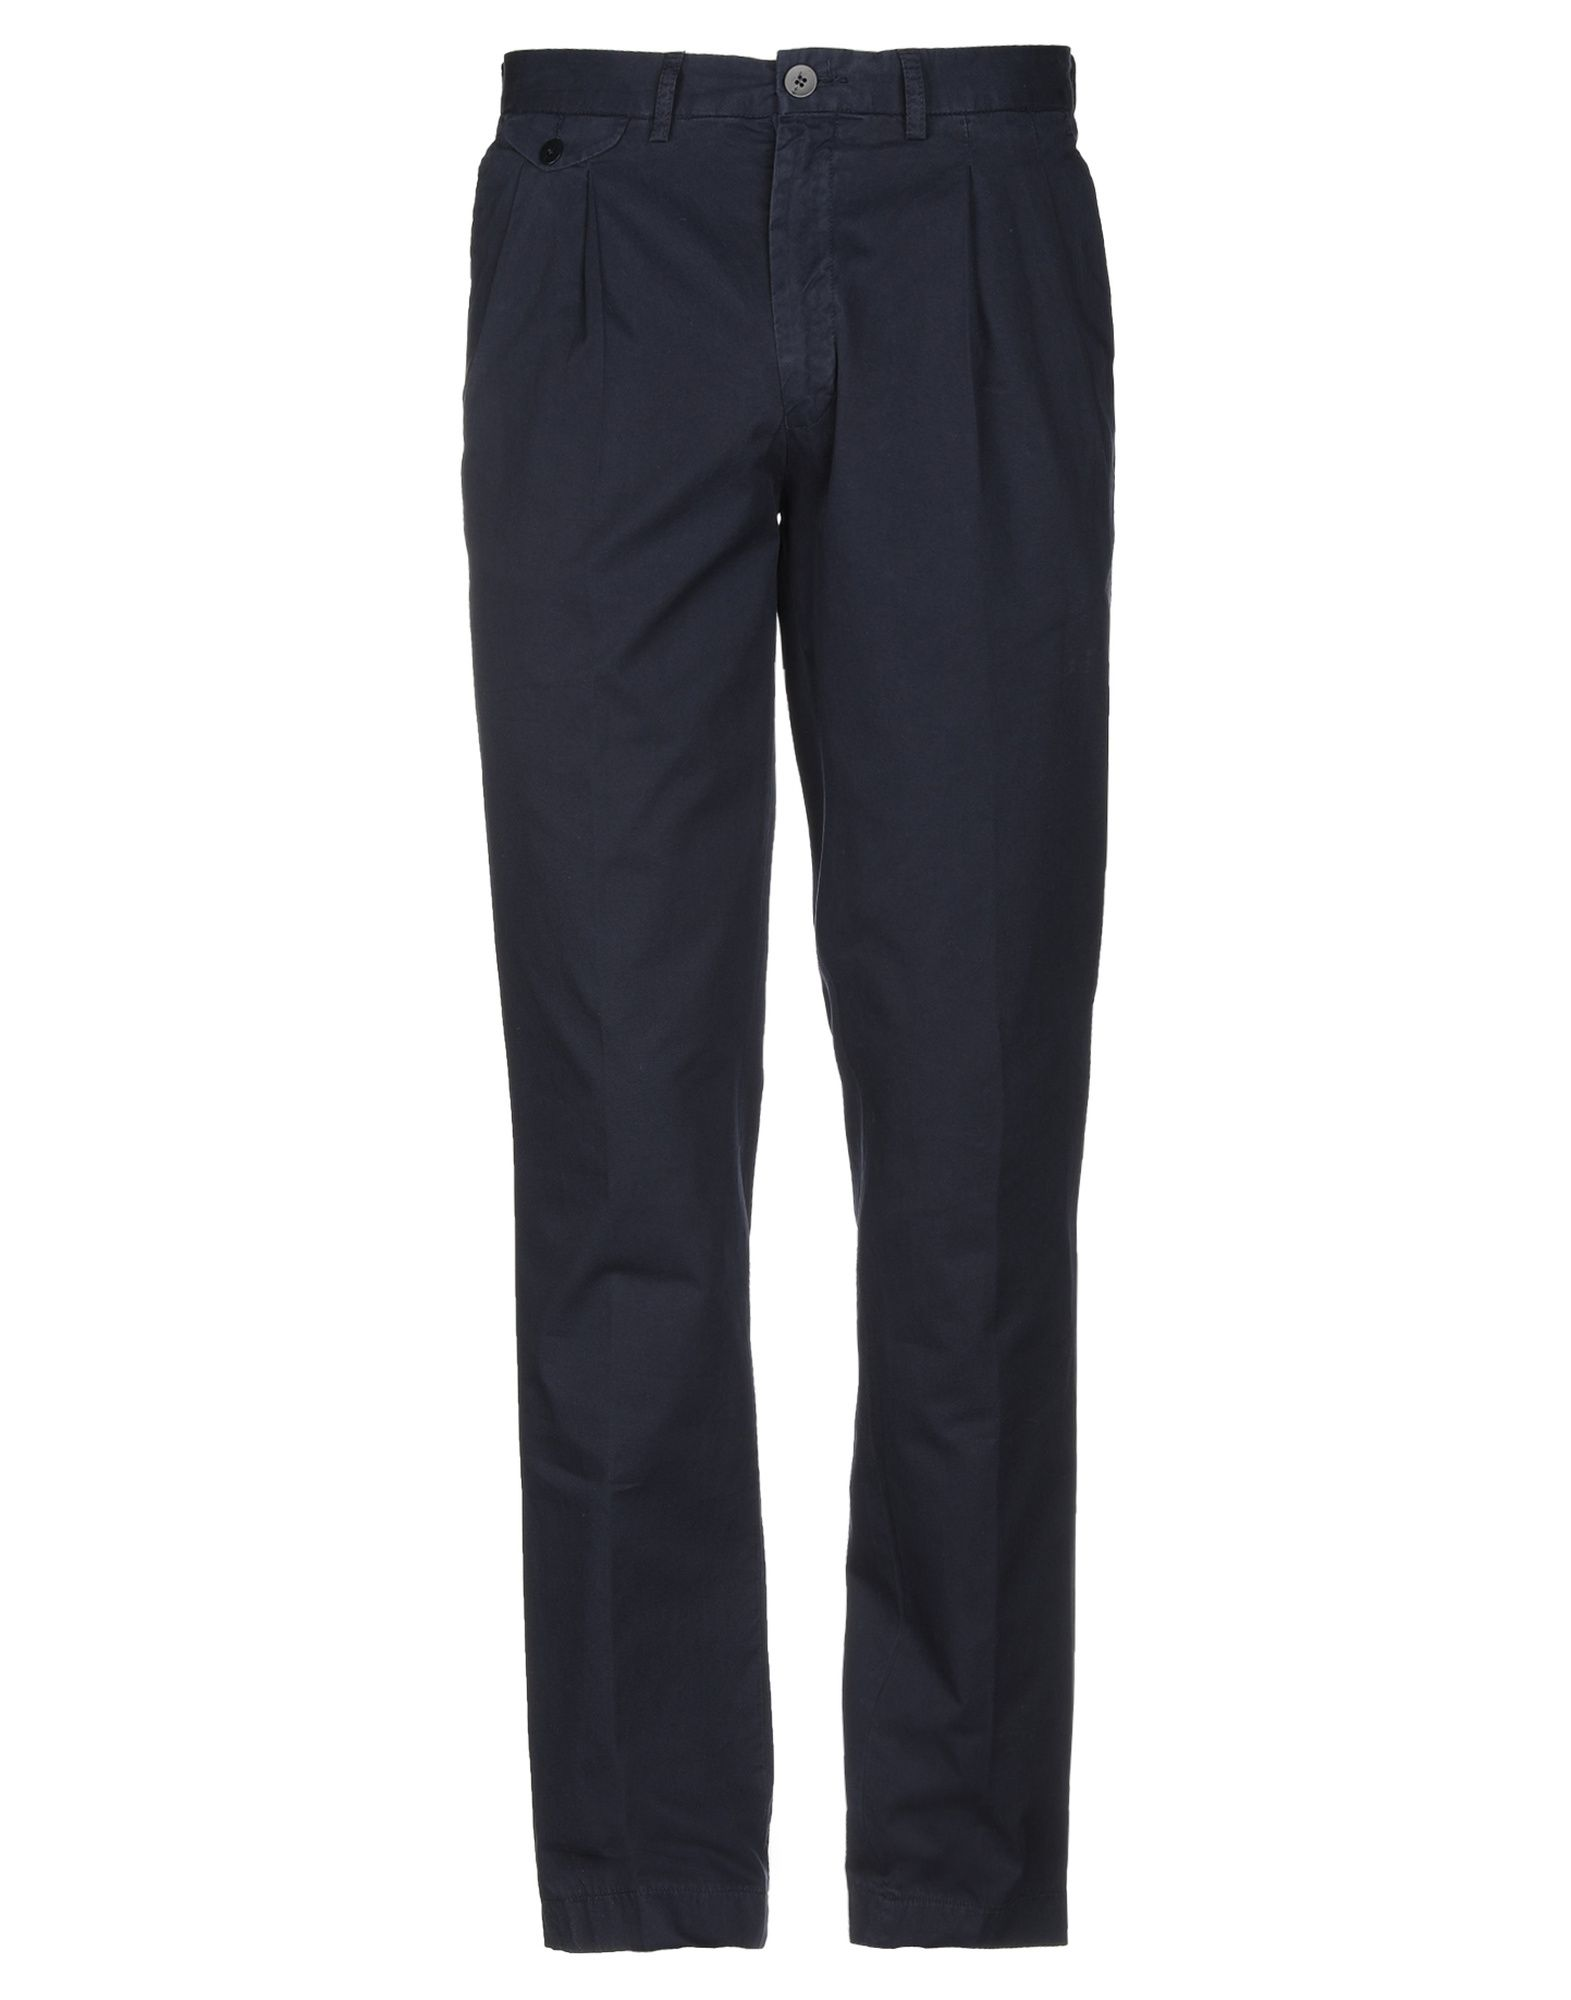 《期間限定セール中》LA PAZ メンズ パンツ ダークブルー S コットン 100%